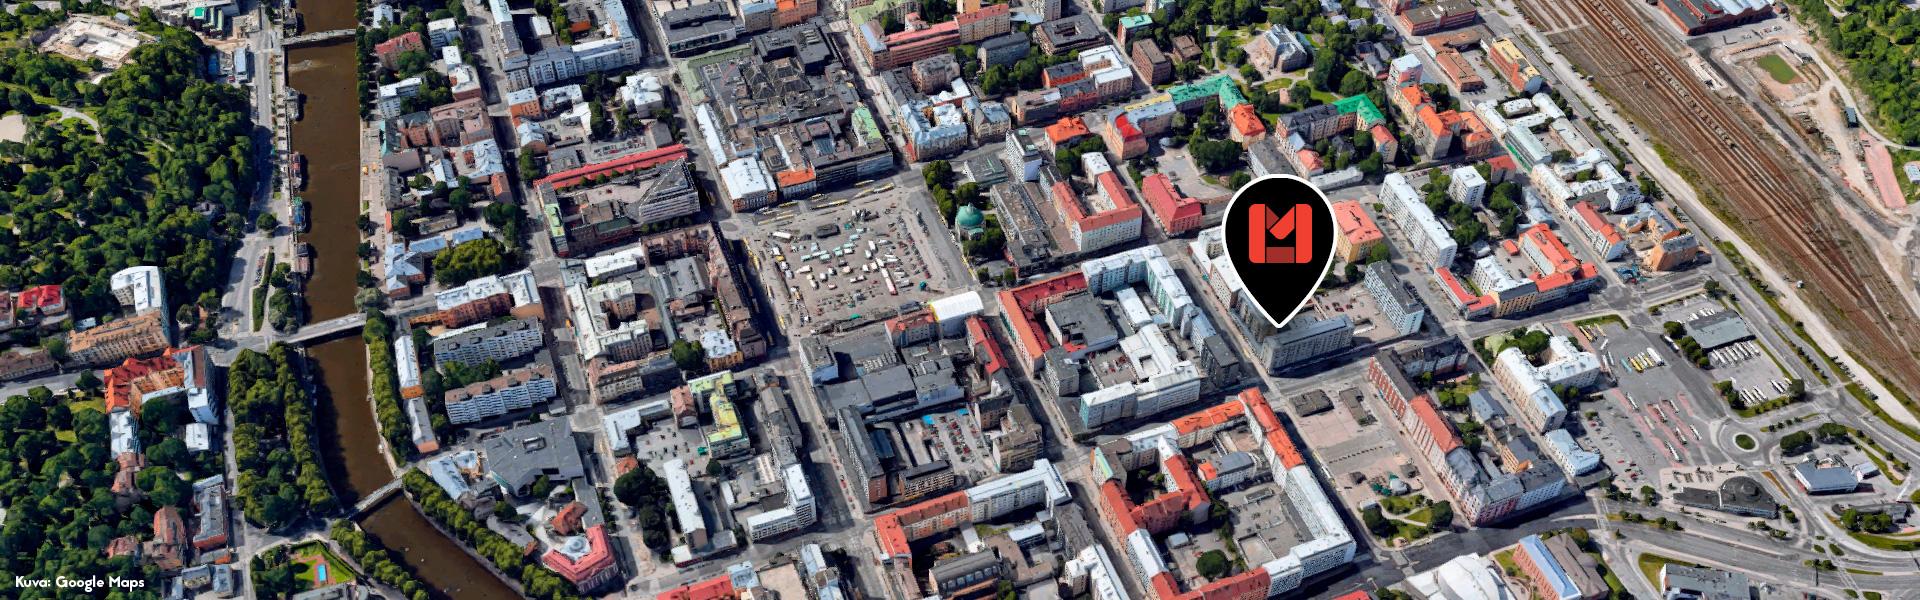 Harrastajateatteri Turku